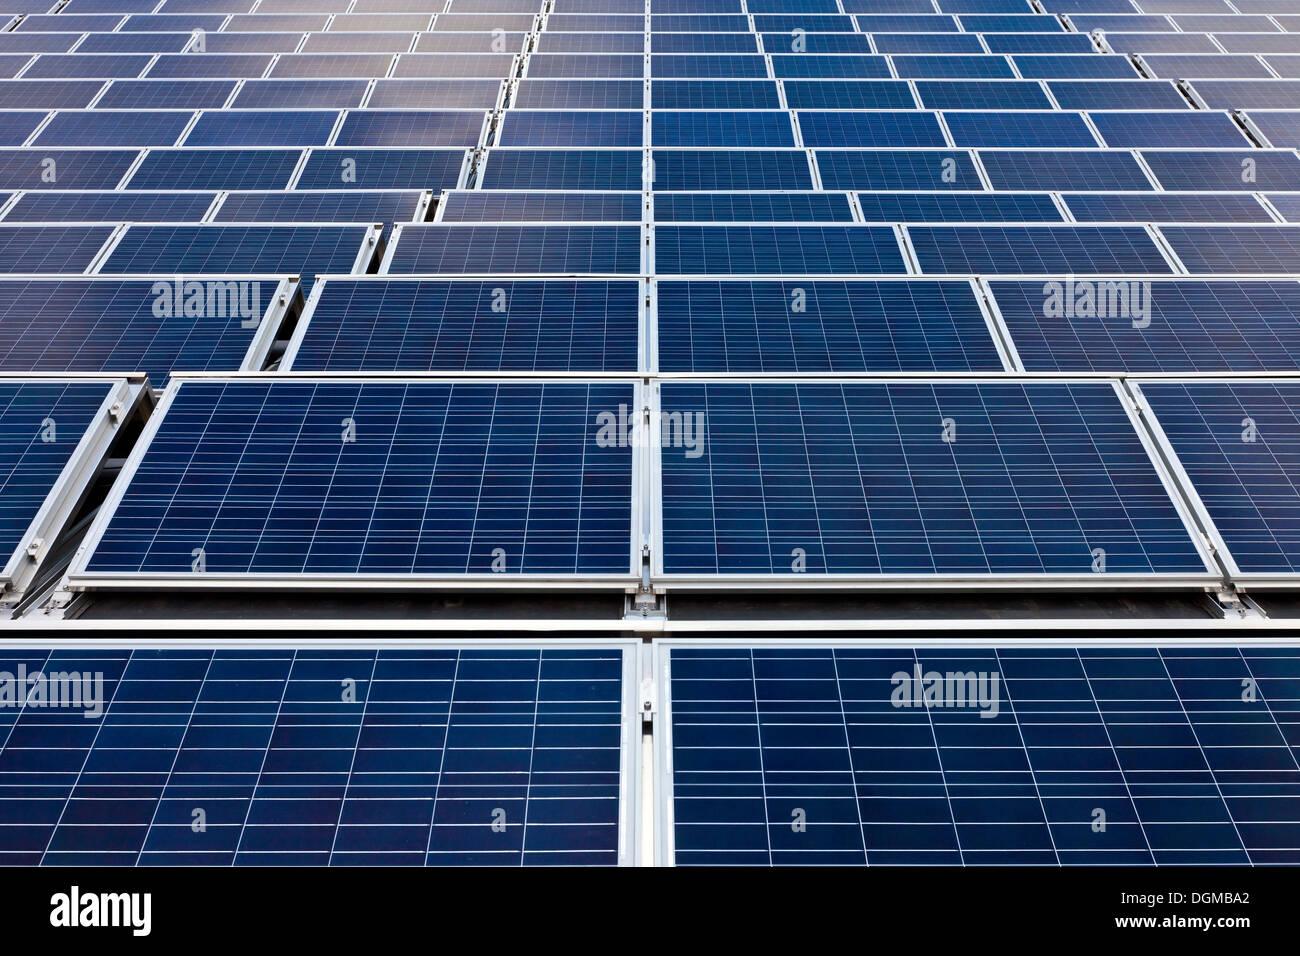 Les cellules photovoltaïques ou des panneaux solaires dans l'ordre symétrique Photo Stock